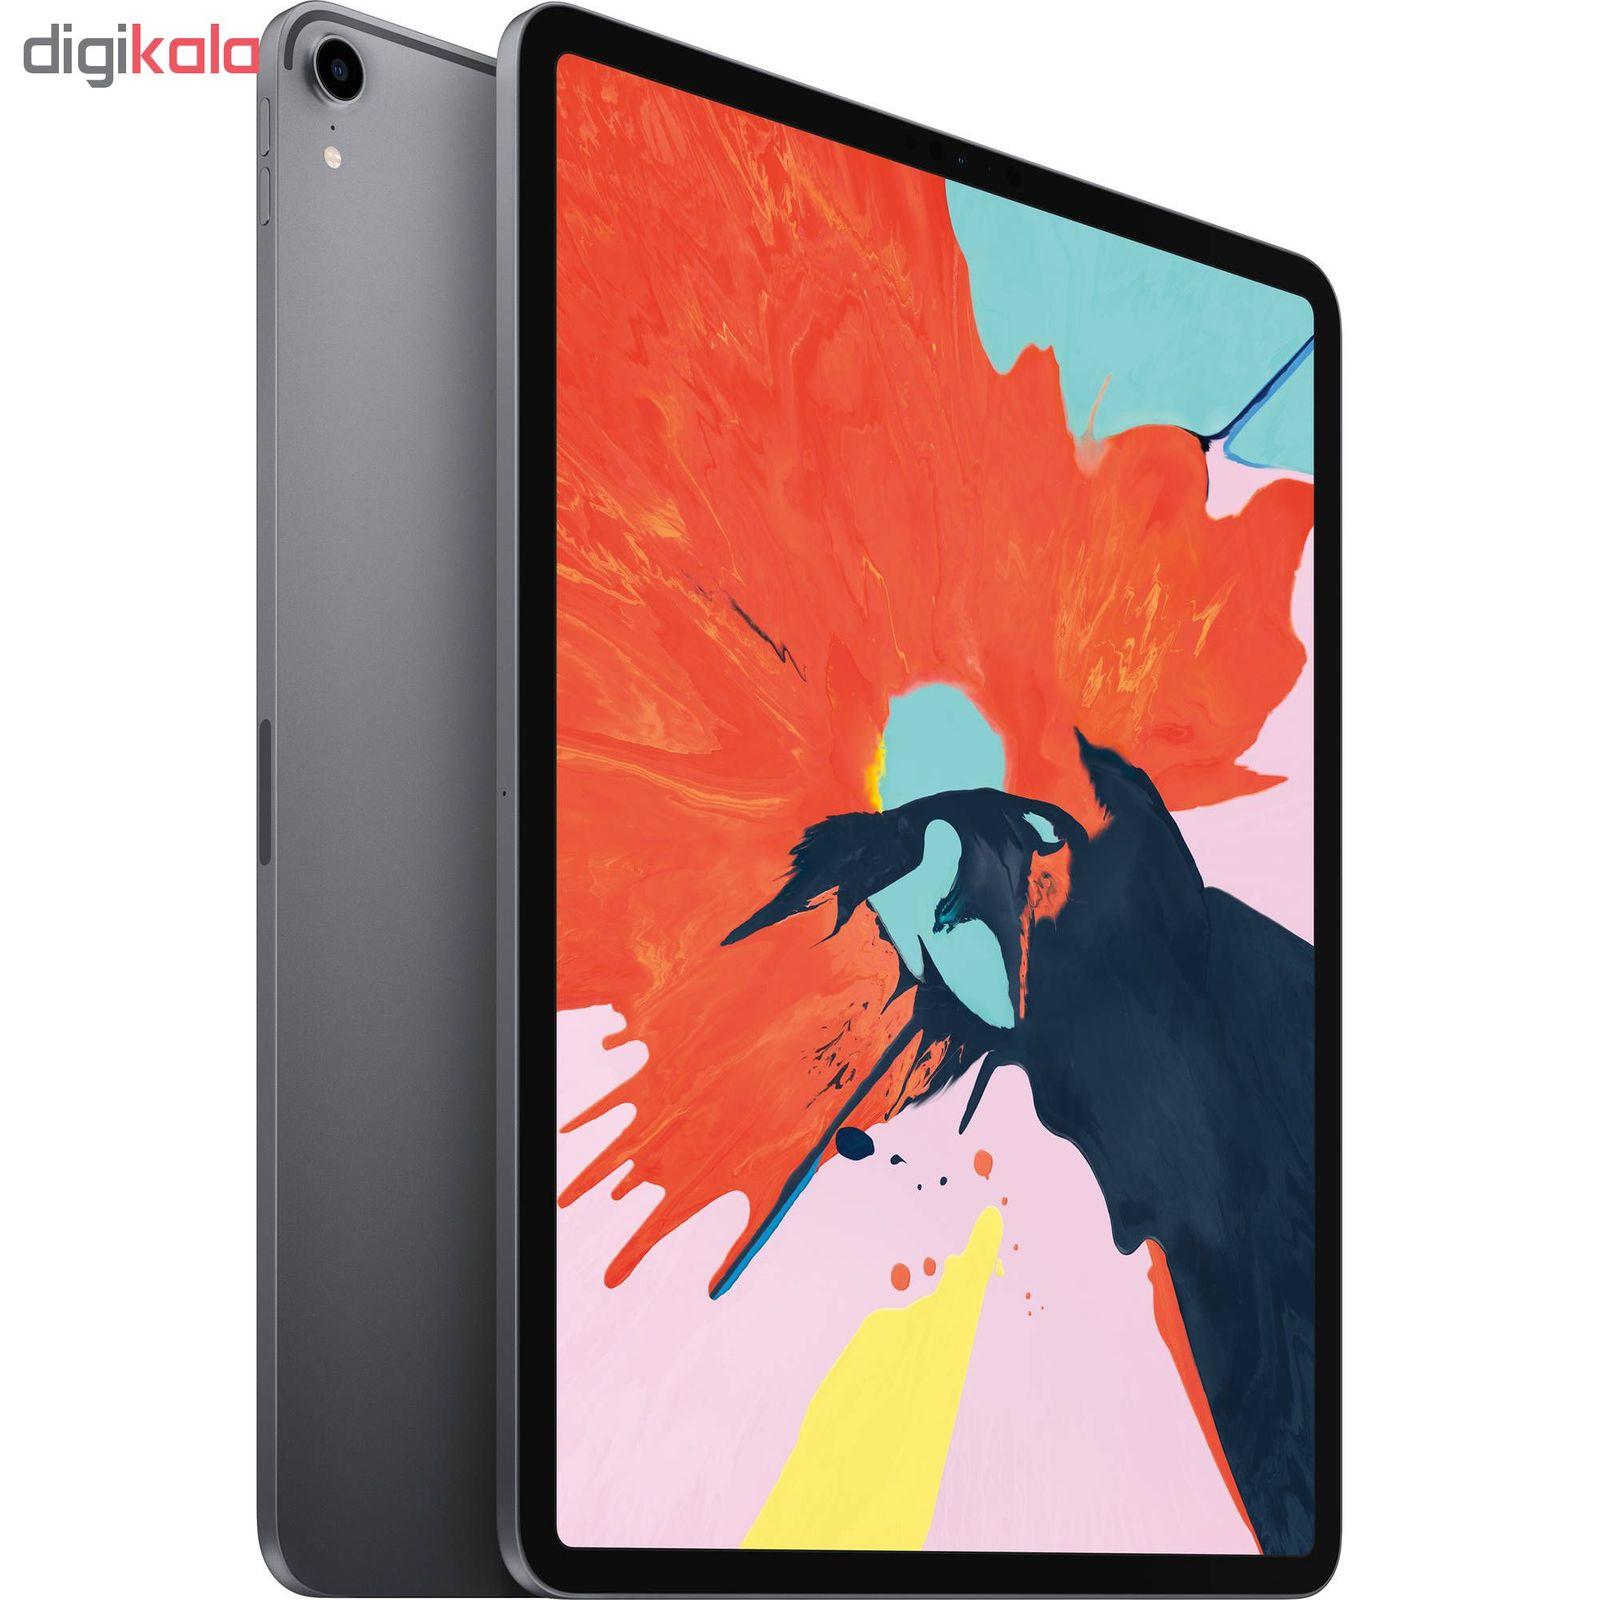 تبلت اپل مدل iPad Pro 2018 12.9 inch 4G ظرفیت 1 ترابایت main 1 4